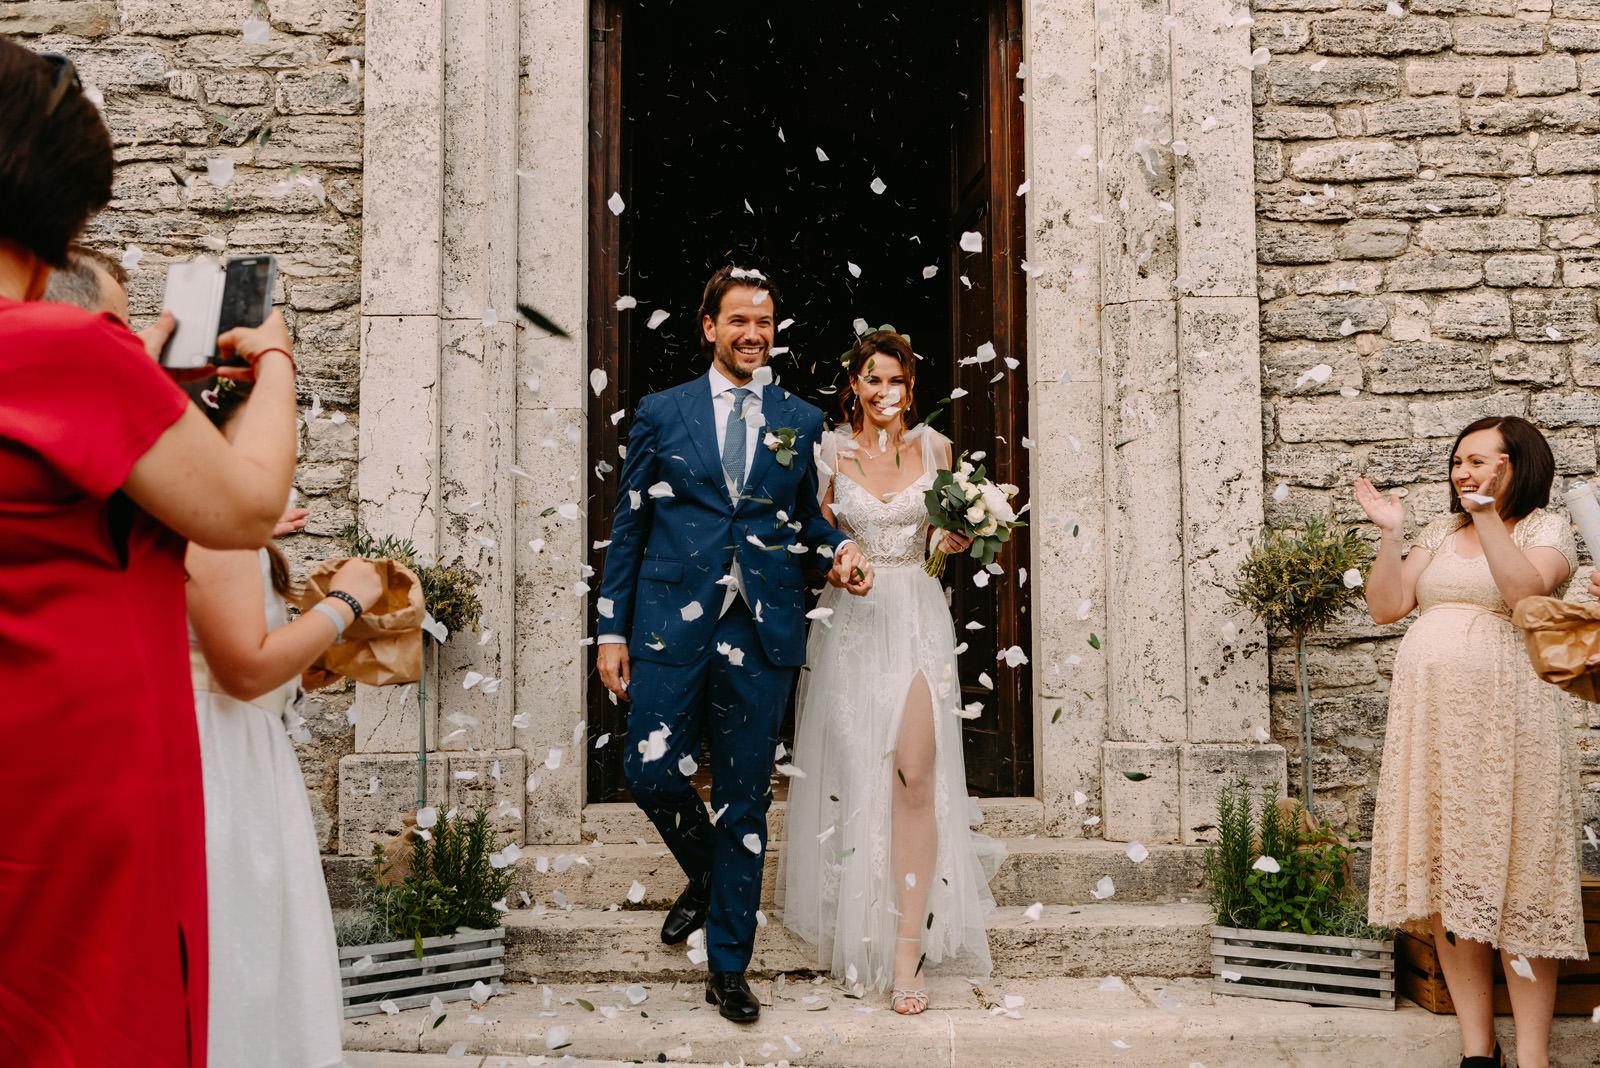 polsko-włoski ślub za granicą